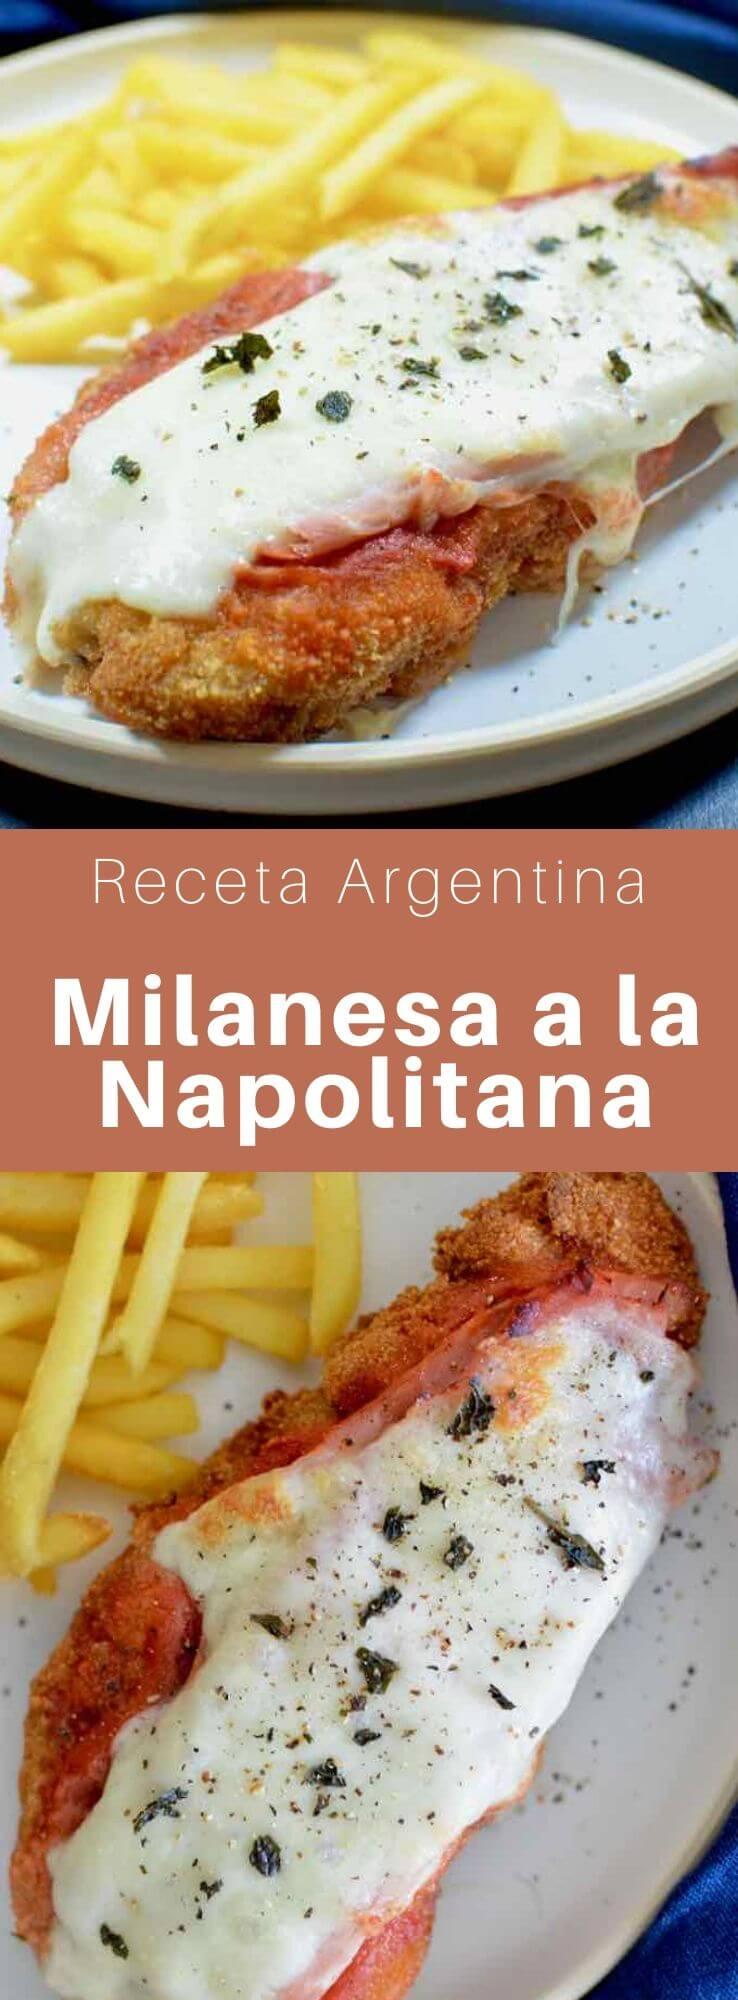 La milanesa a la napolitana es un plato típico de la cocina argentina que consiste en carne empanada y frita cubierta con salsa de tomate, jamón y mozzarella.